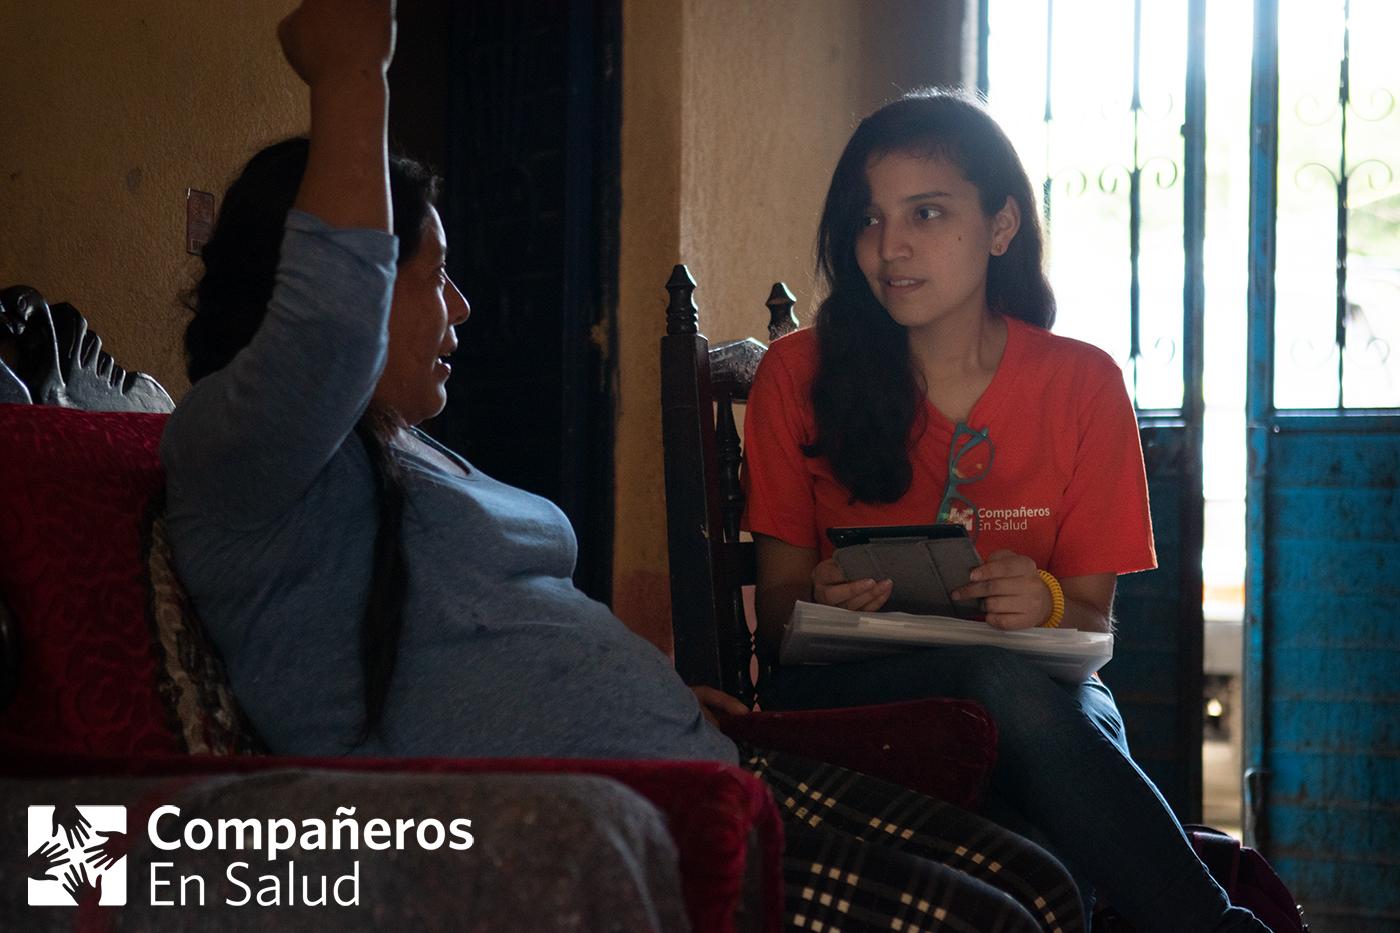 En cada casa realizamos encuestas de salud a cada miembro de la familia.  Foto: Doña Felicita recibe a María Fernanda Reyes Chávez, estudiante de medicina, en su casa para las encuestas de salud de su familia